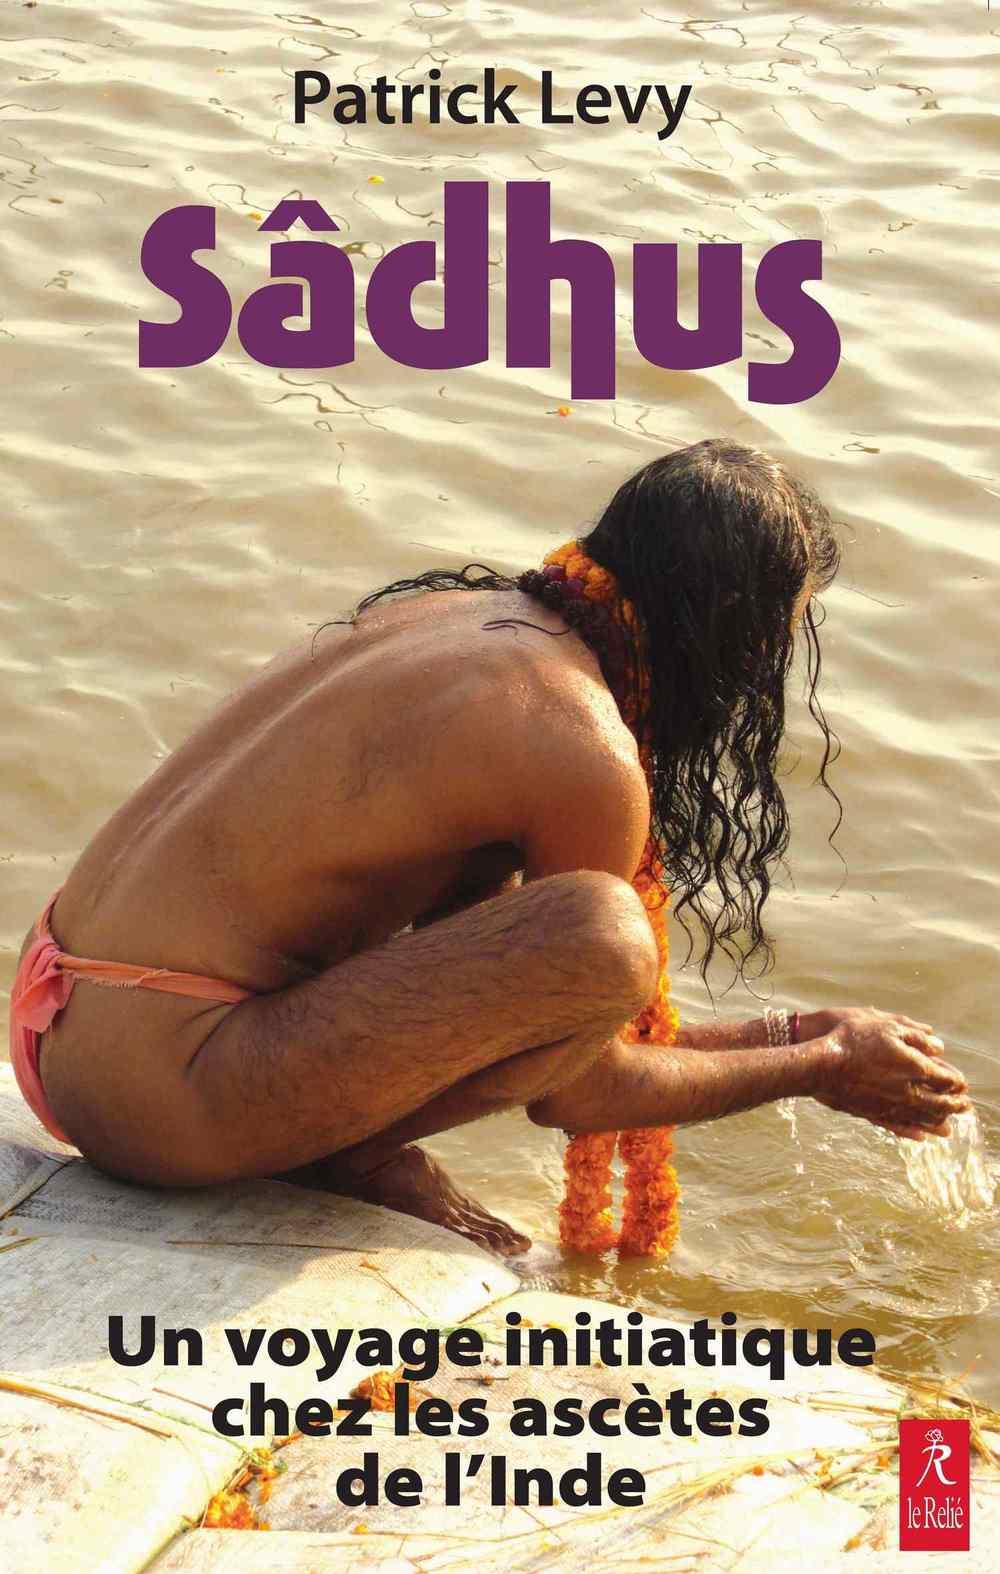 Un livre à posséder sur les sadhus de l'Inde Sadhus